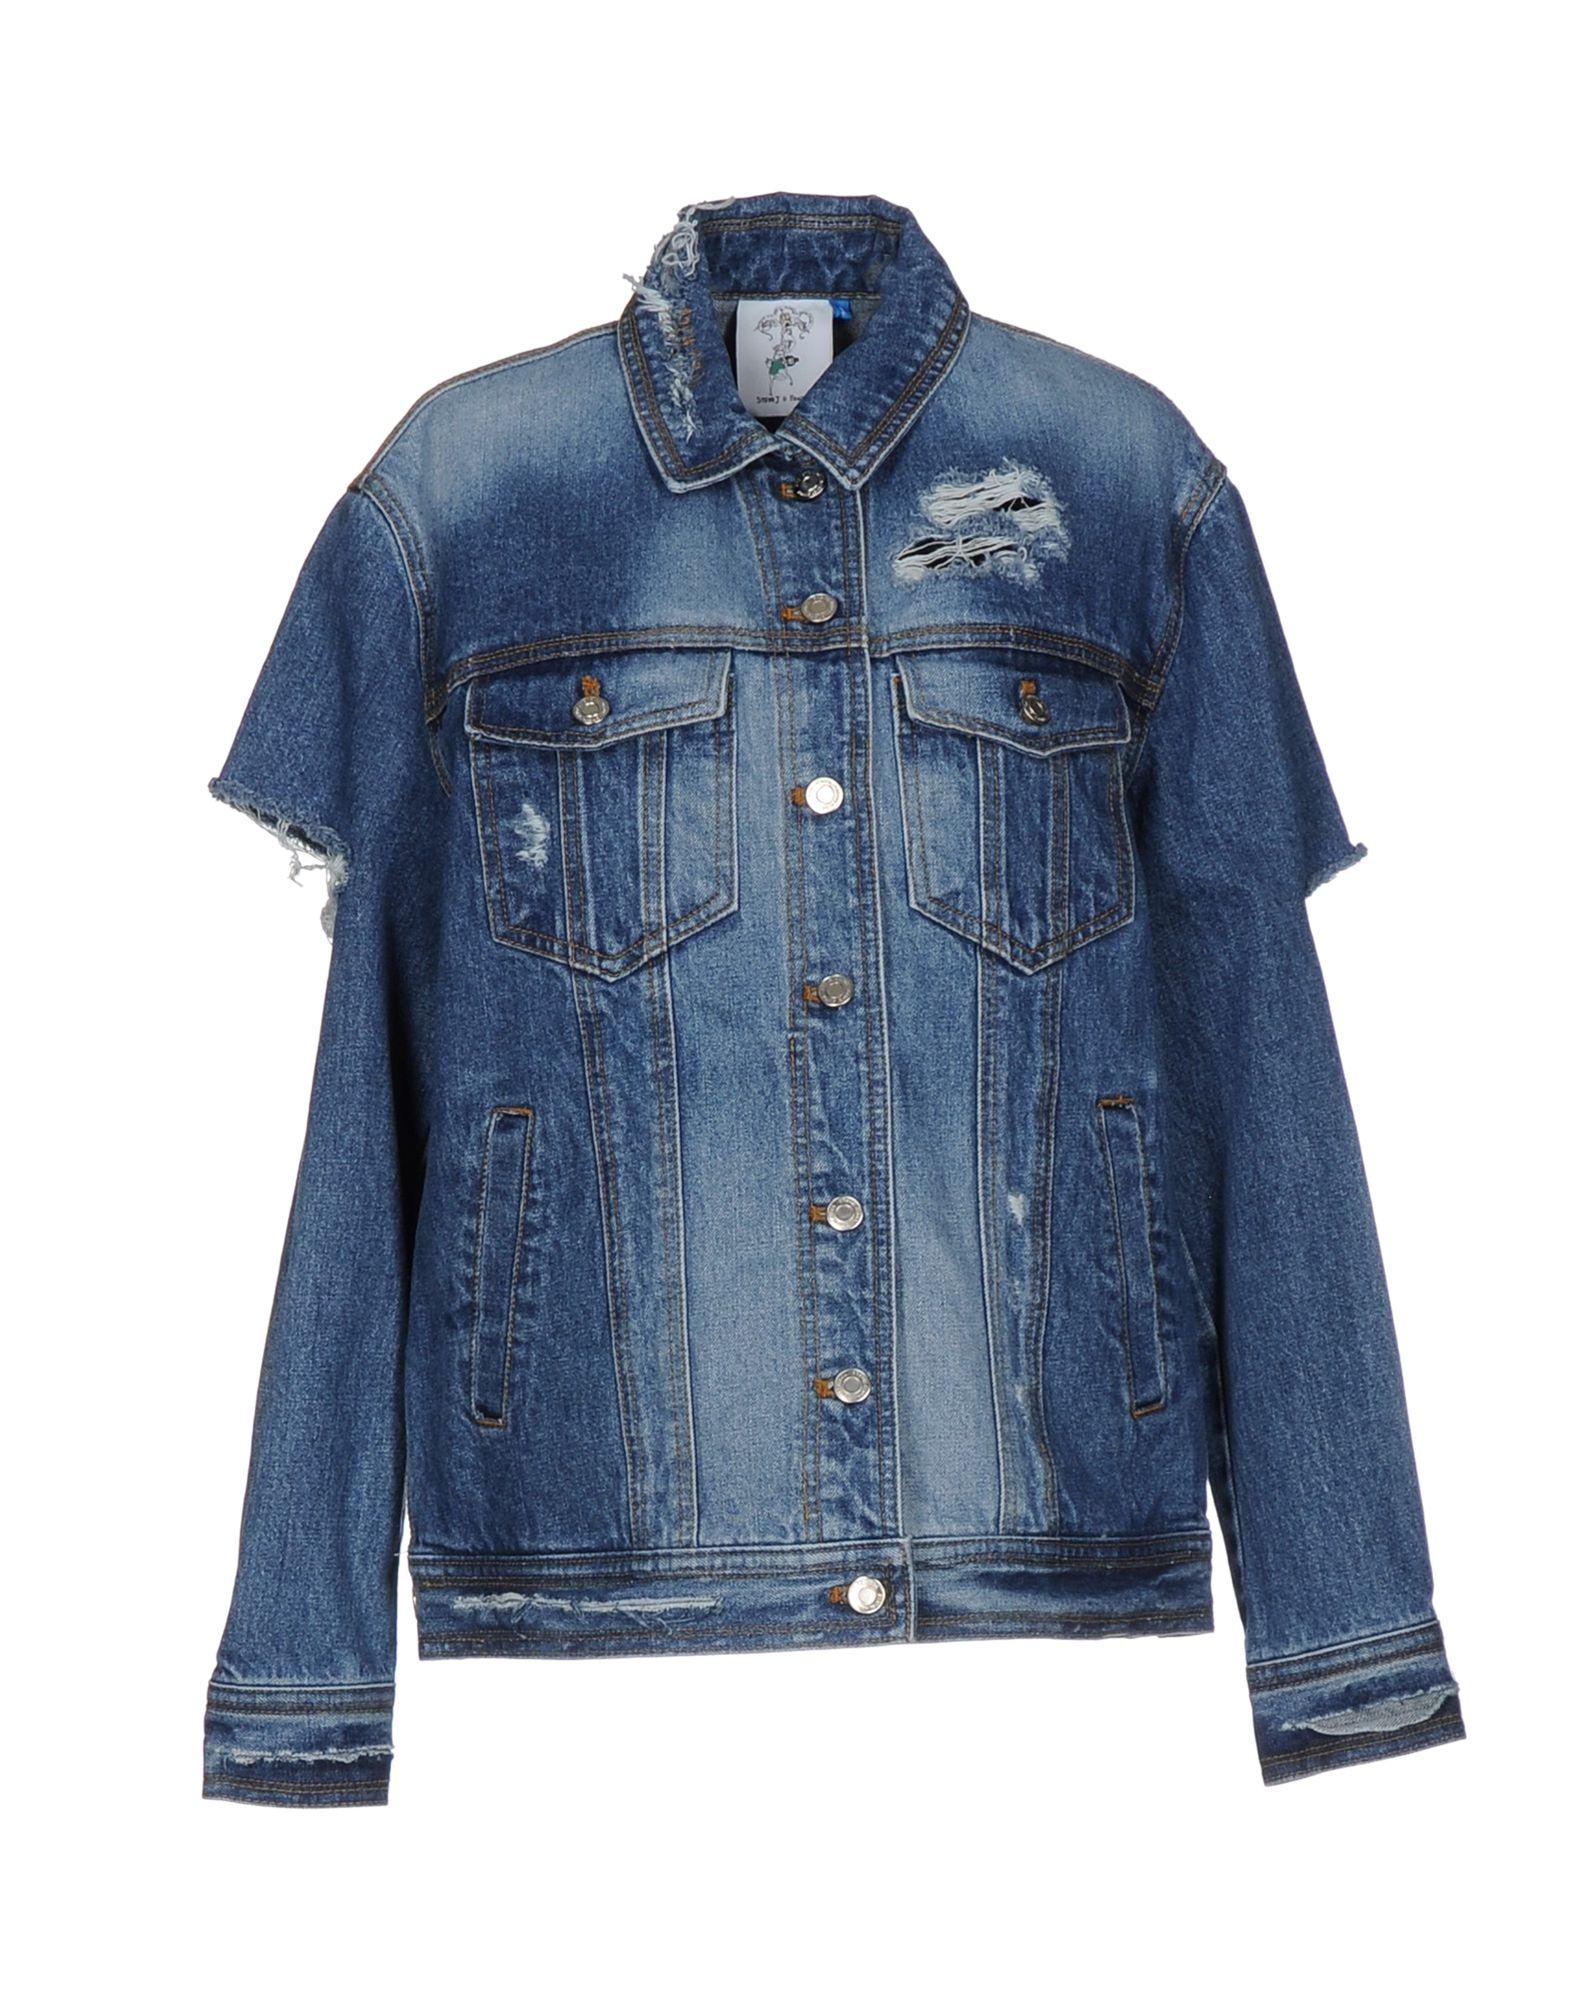 цены на STEVE J & YONI P Джинсовая верхняя одежда в интернет-магазинах